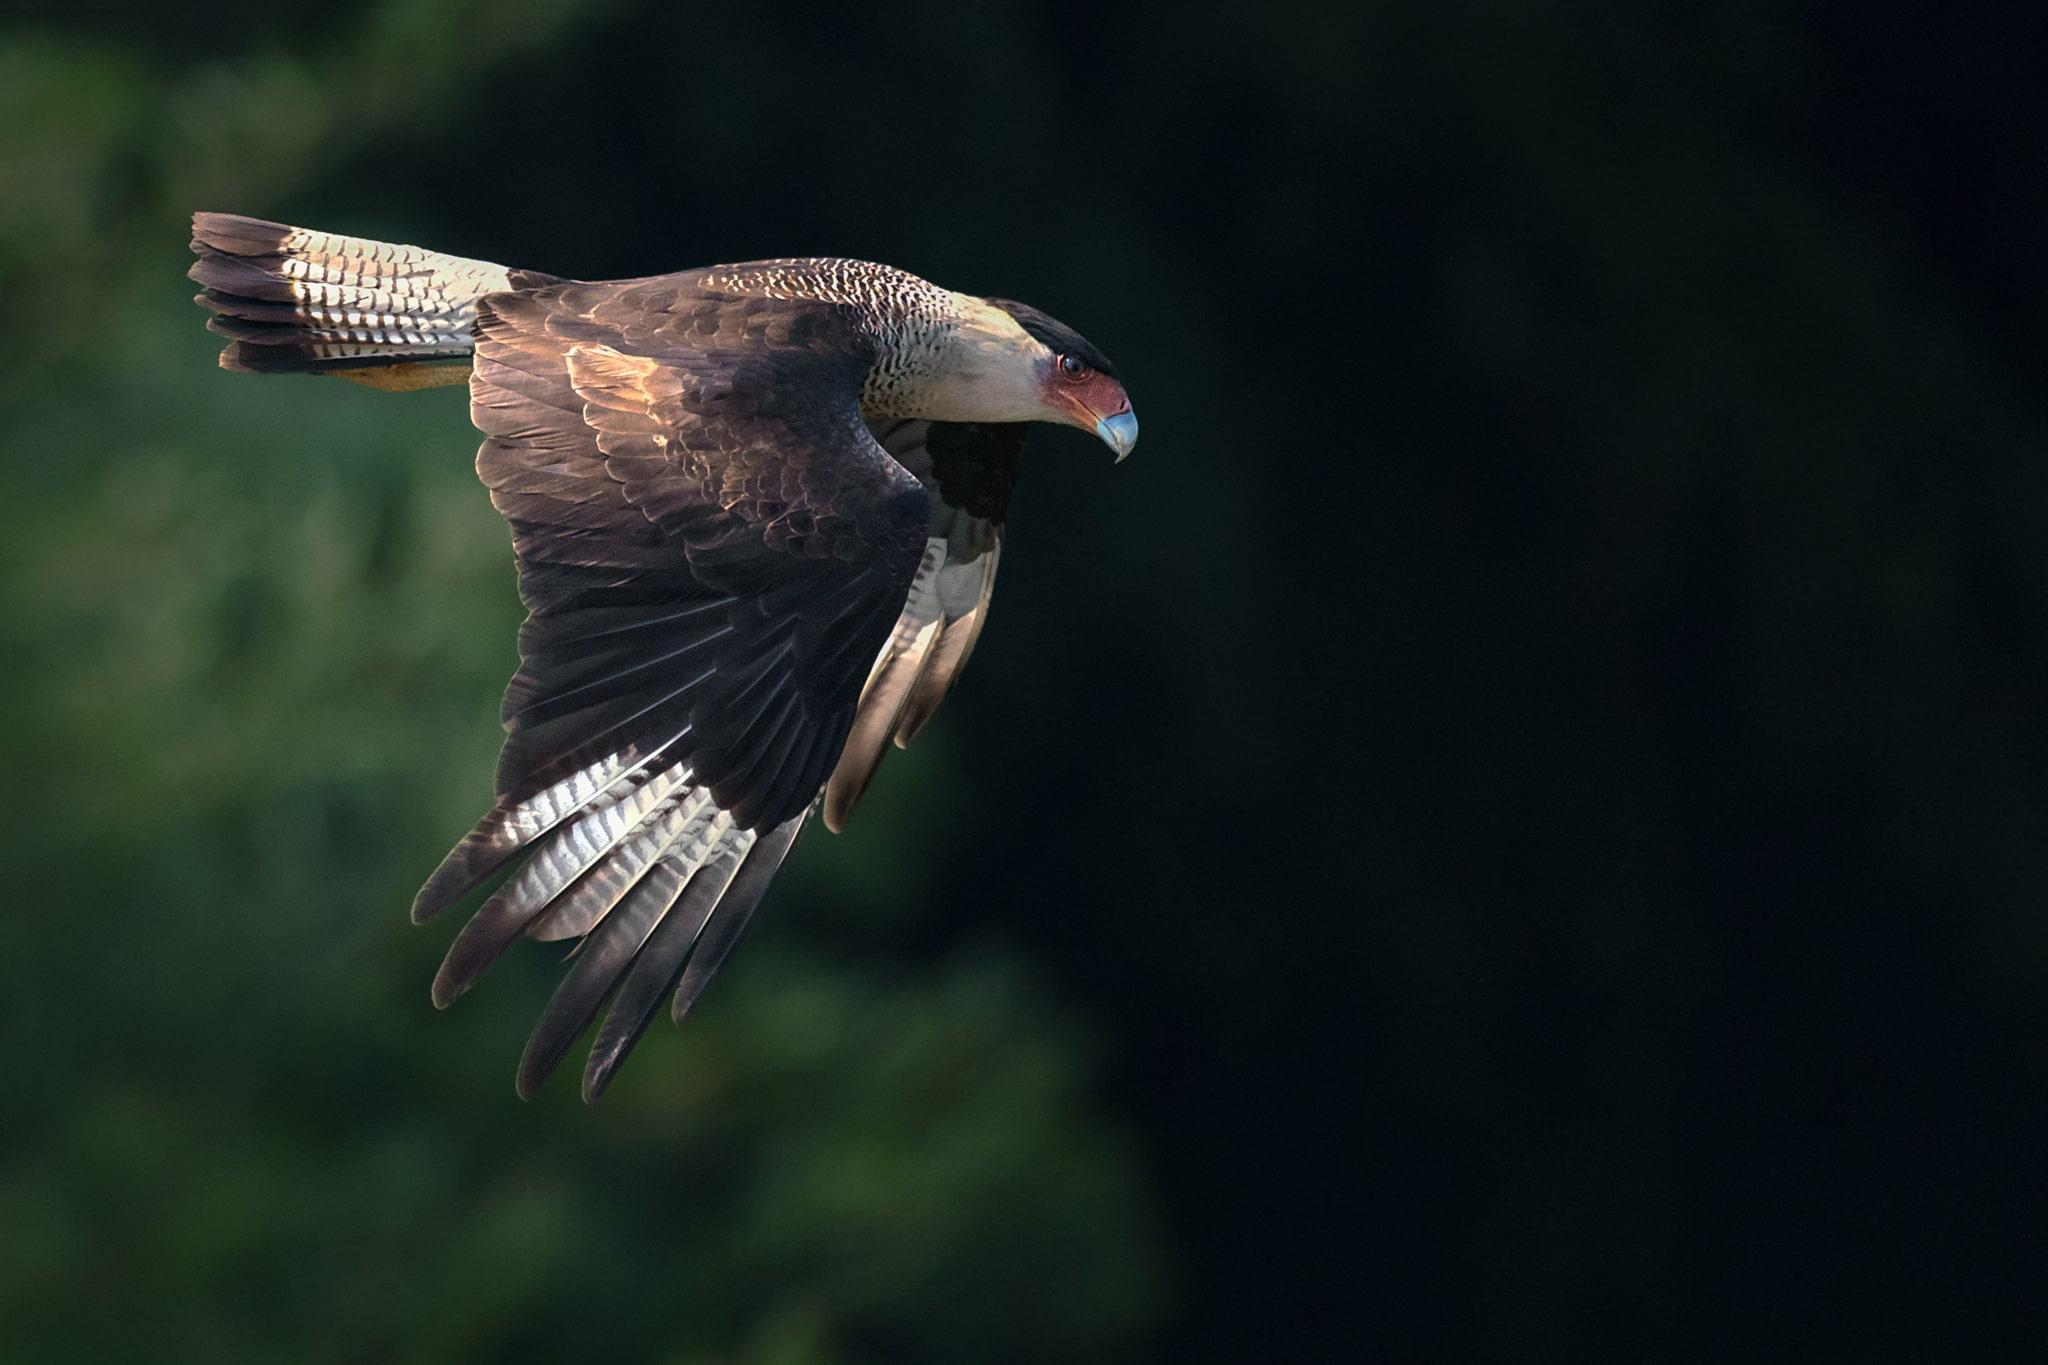 Fotografía de aves en vuelo por Memo Gómez